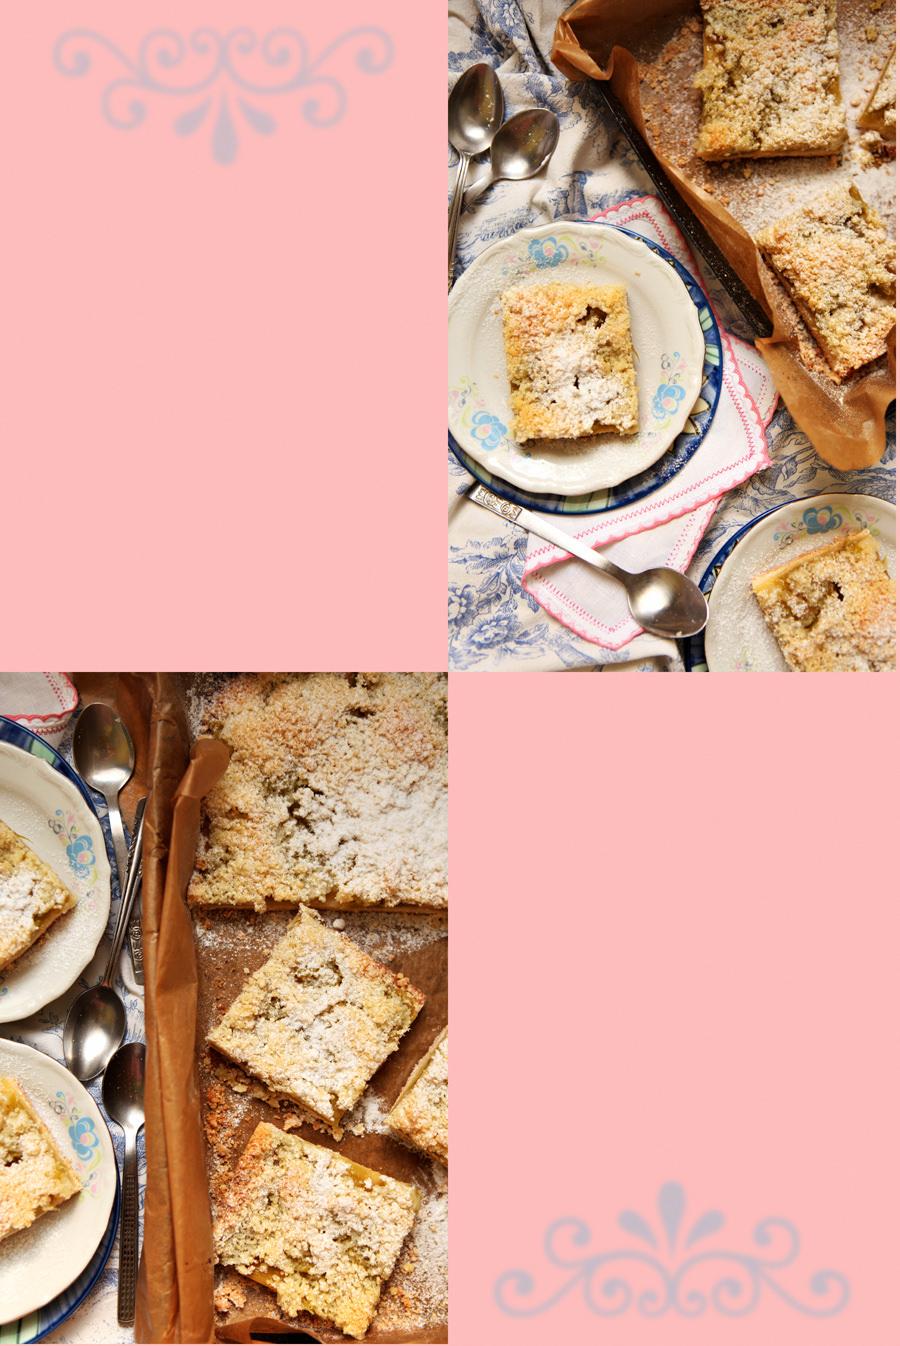 zdjęcia kulinarne kruche ciasto z rabarbarem